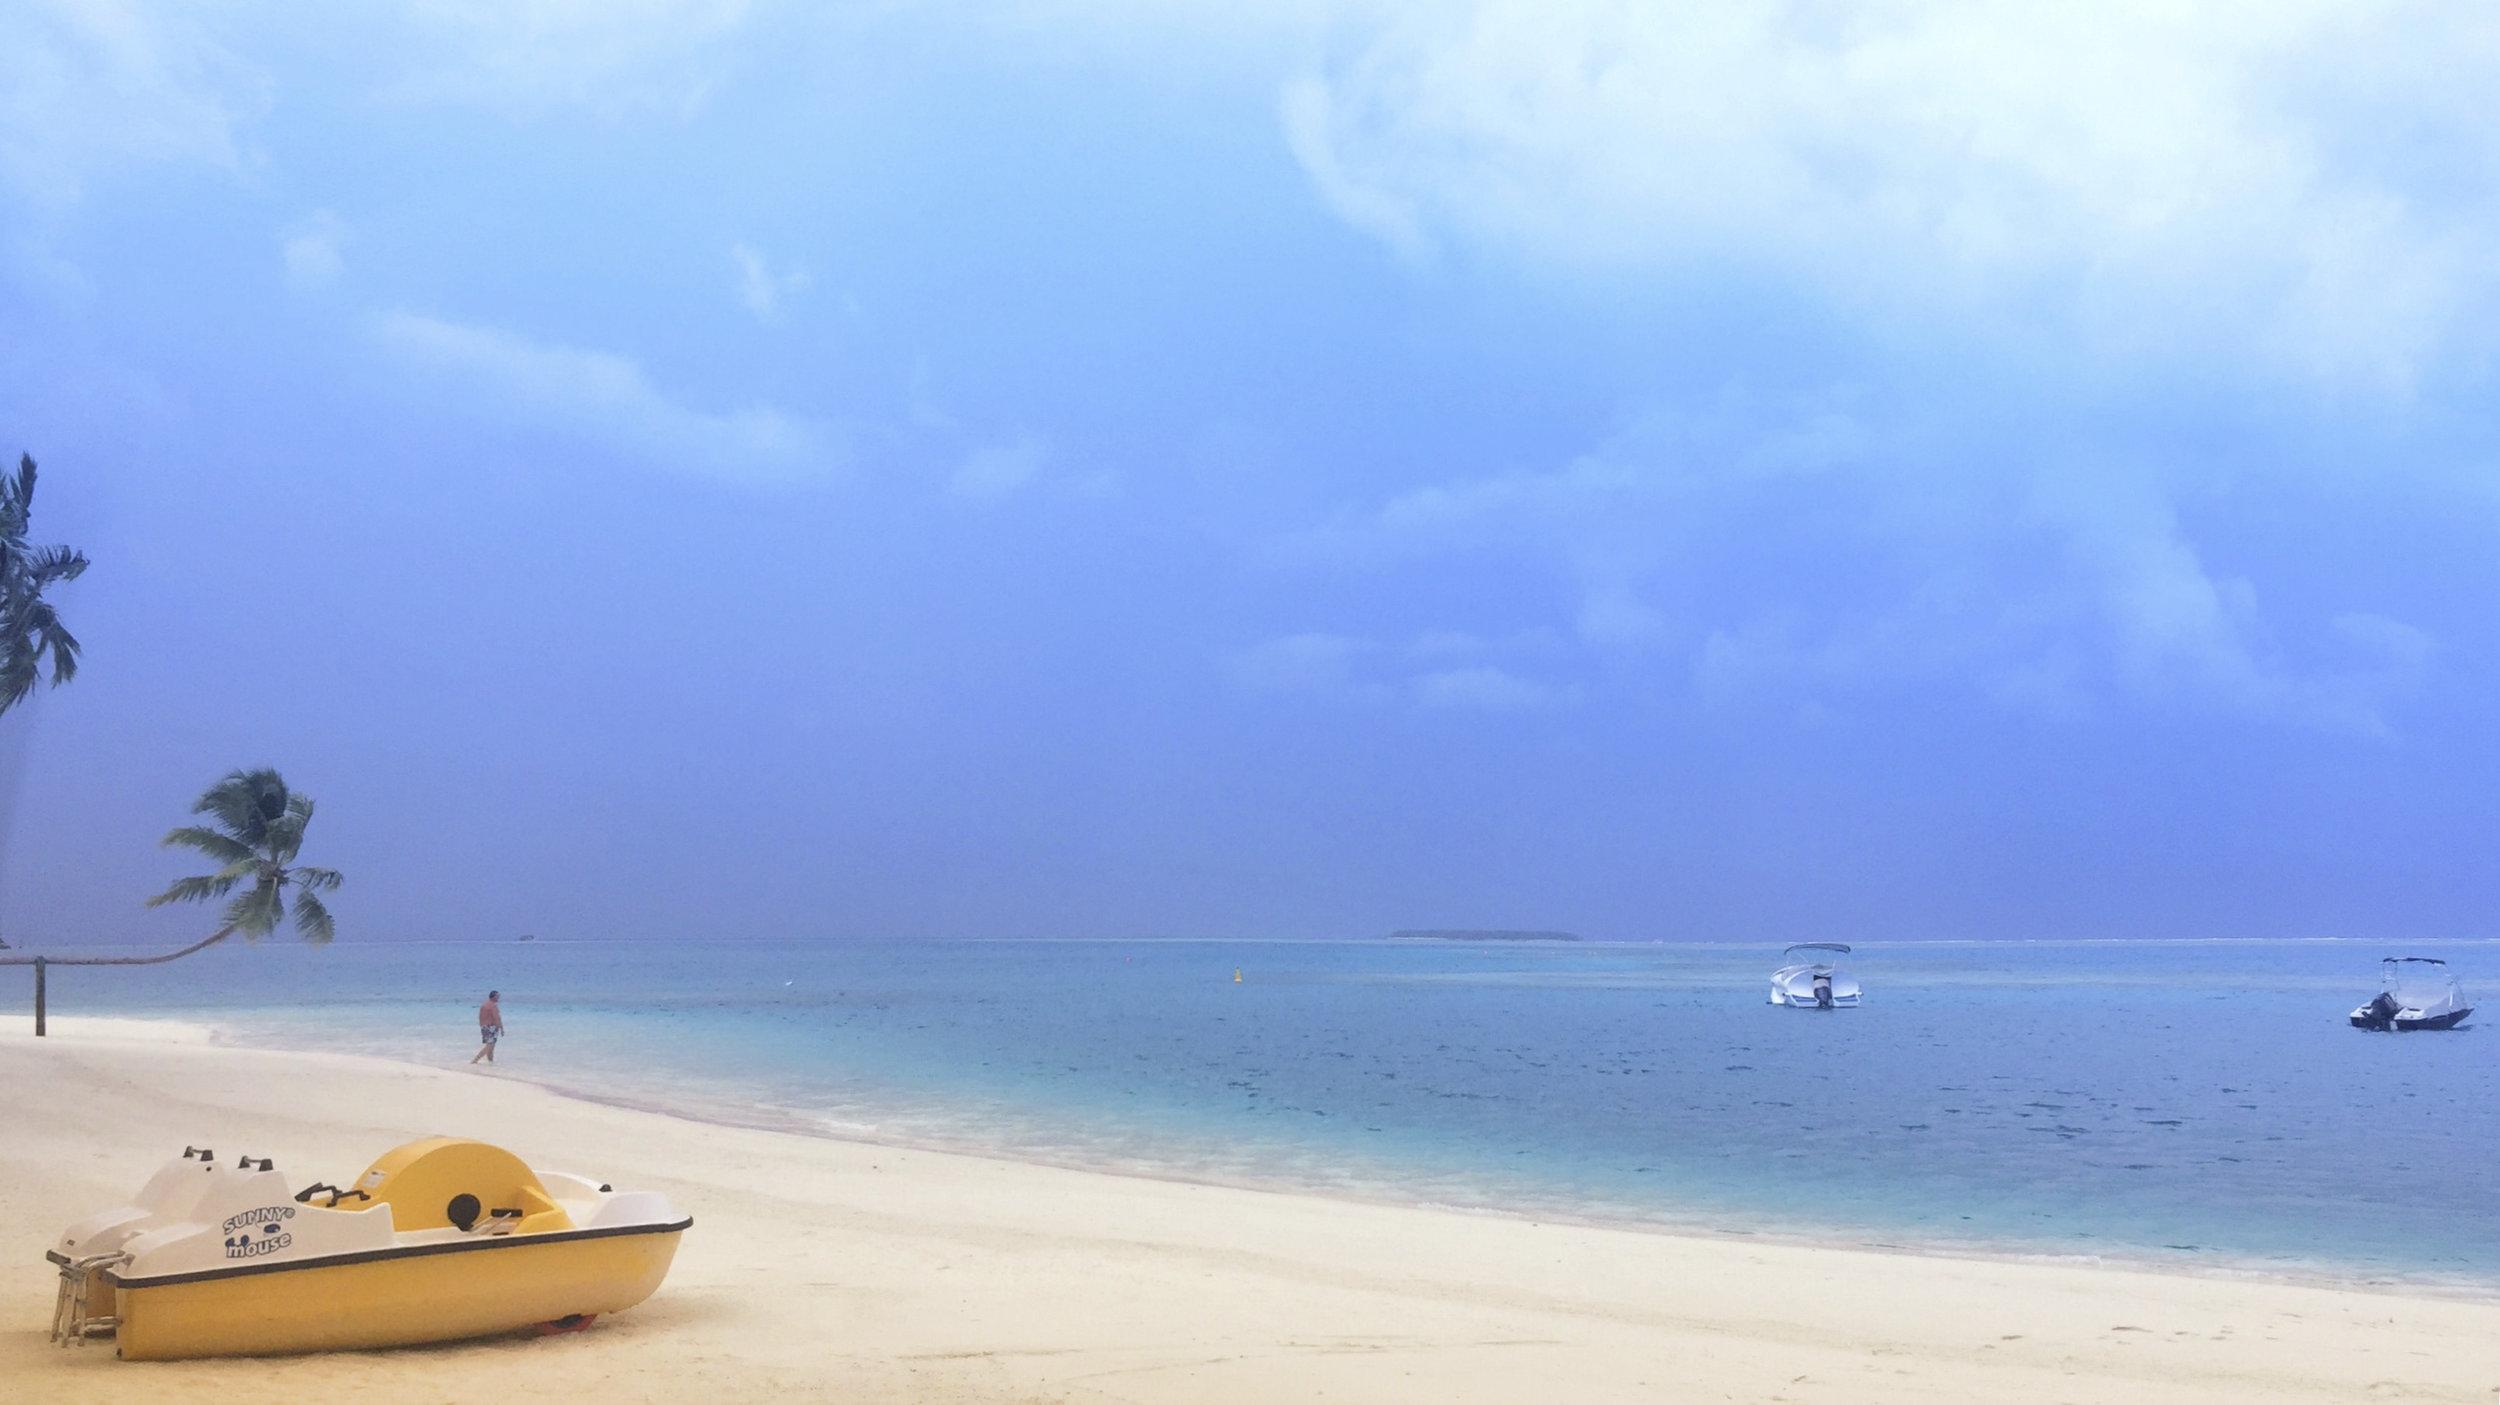 MALDIVES - Republic of